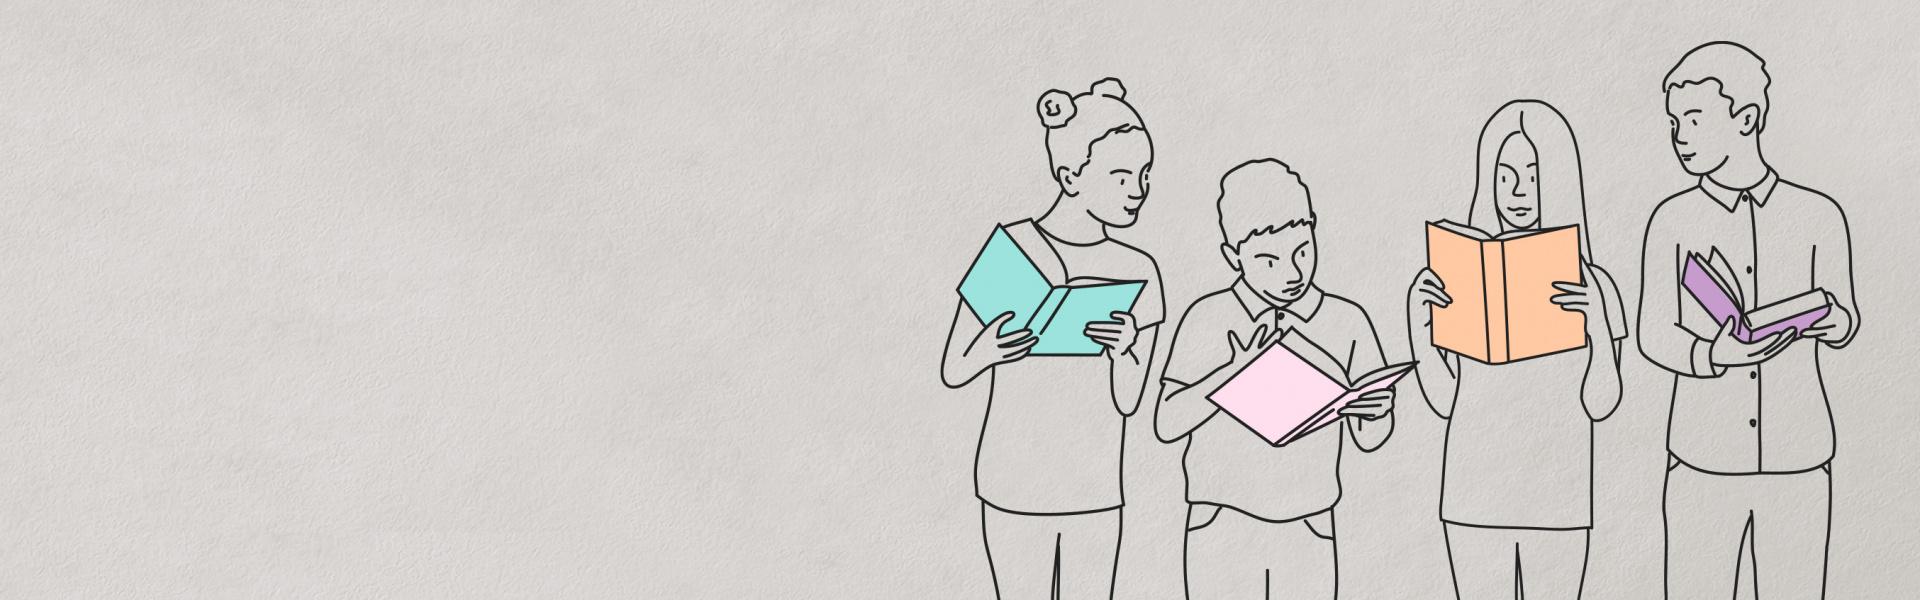 <p>¿Sabías que leer<br /> reduce el estrés<br /> hasta un 68%?</p>